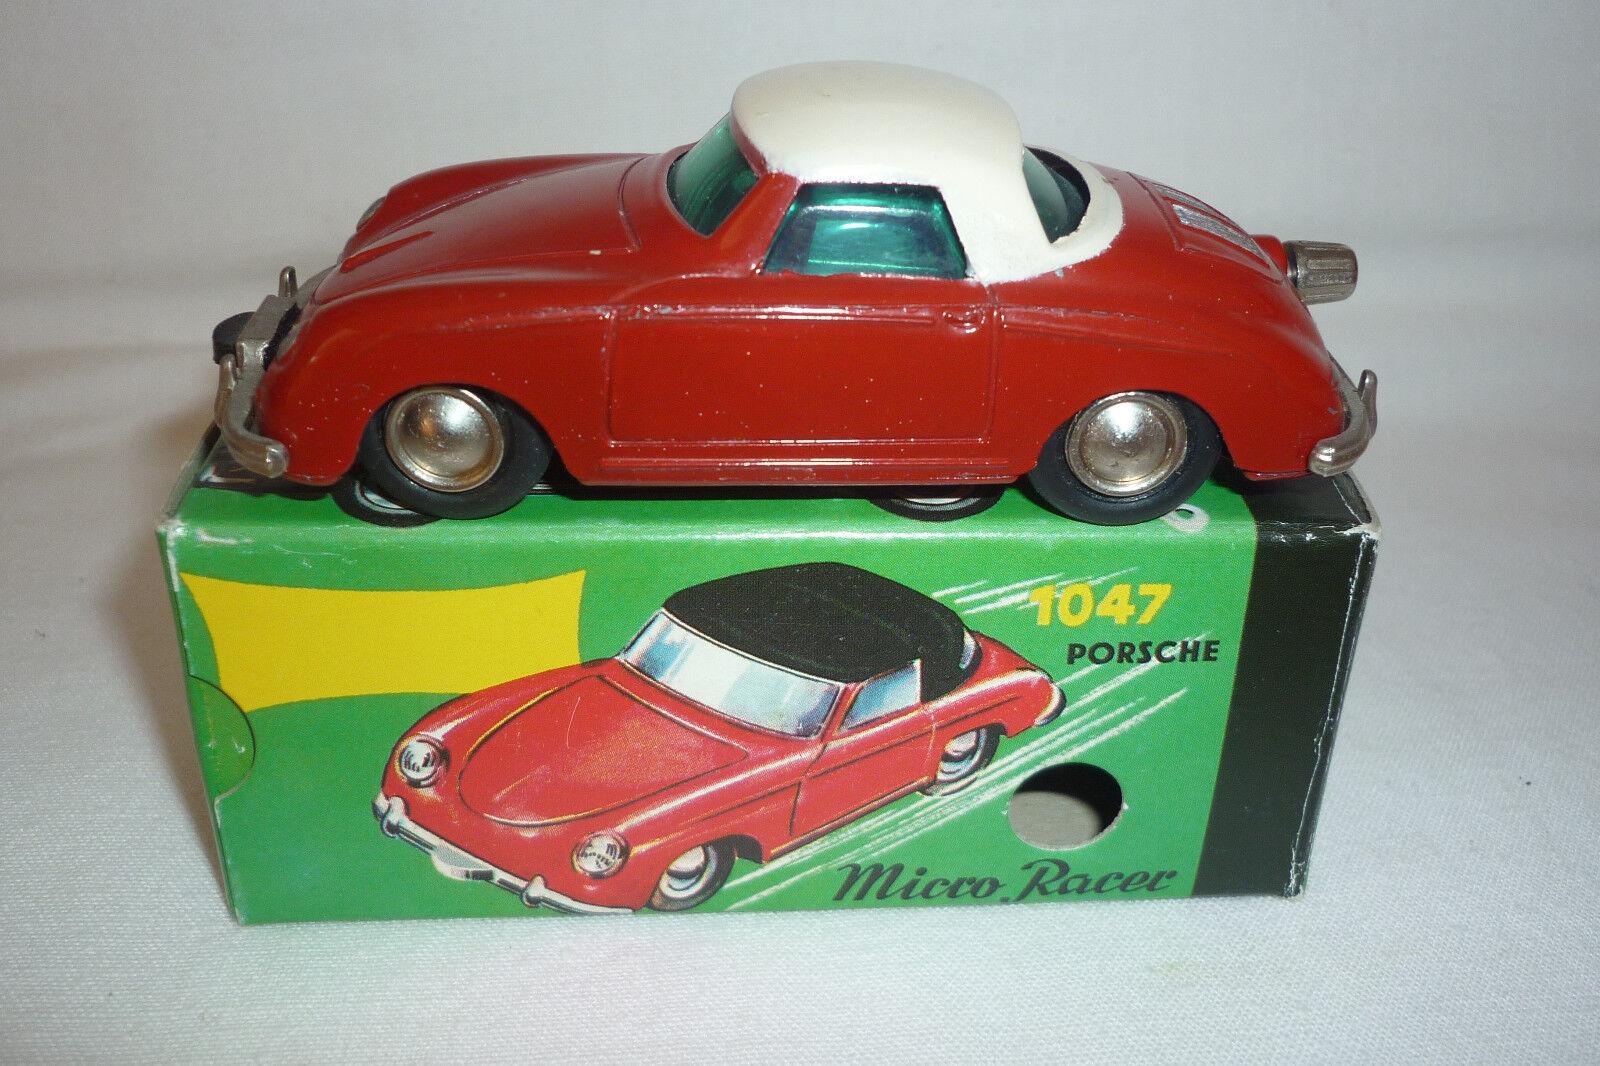 TinJuguete Micro Racer-1047 Porsche 356 - Embalaje Original - (1. Schuco 36)